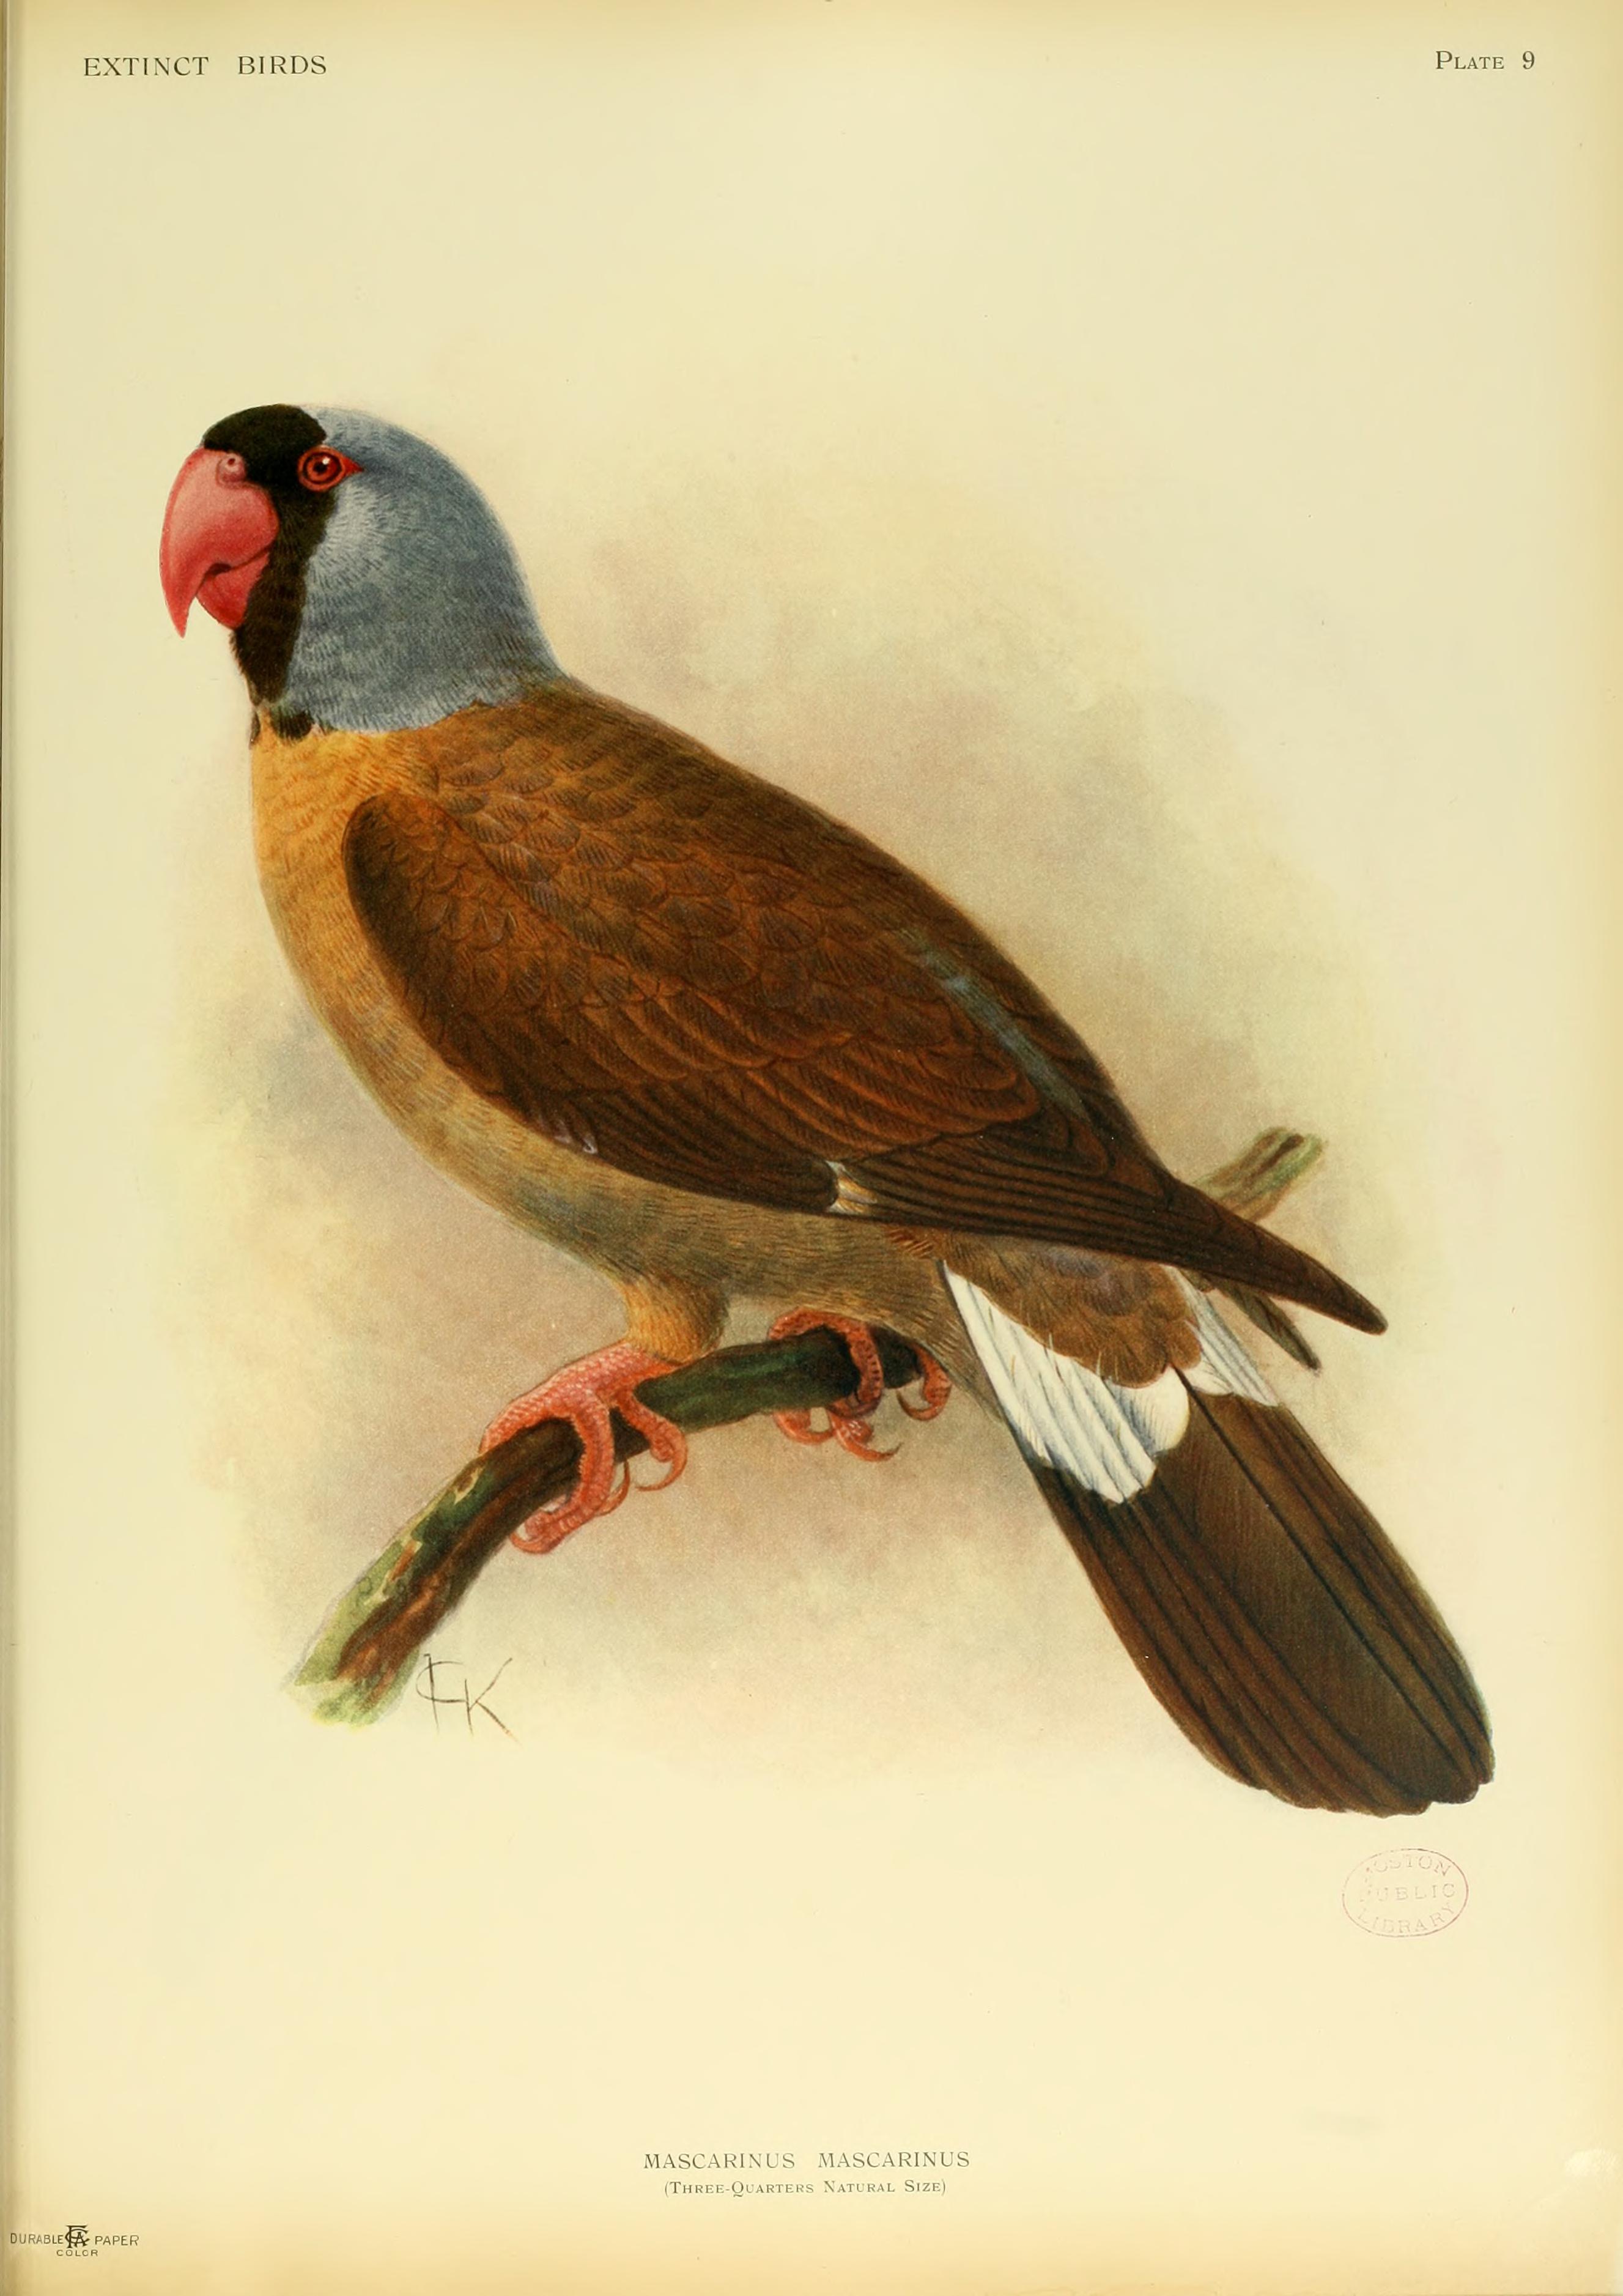 Вымершие и уничтоженные виды попугаев и других птиц Extinctbirds1907_P9_Mascarinus_mascarinus0299